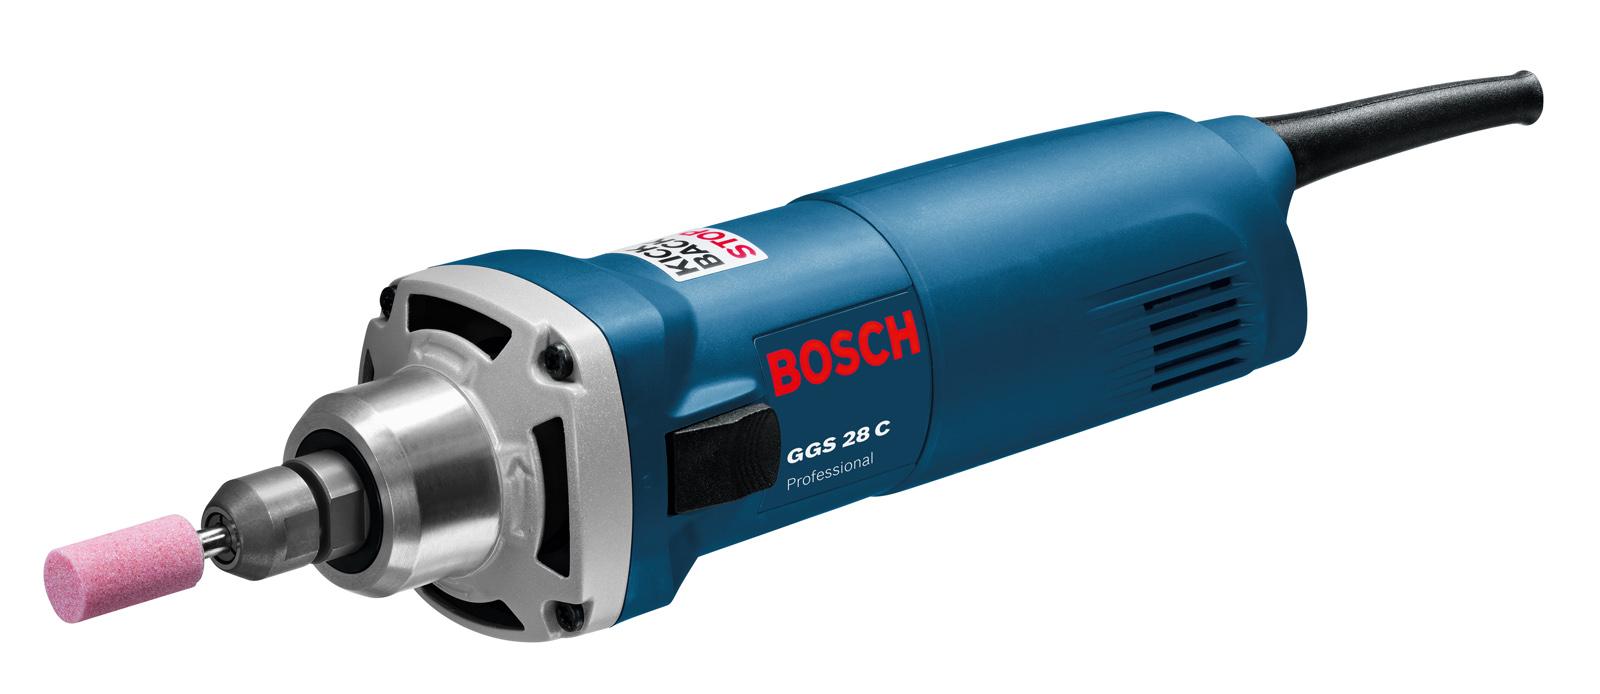 Машинка шлифовальная прямая Bosch Ggs 28 c